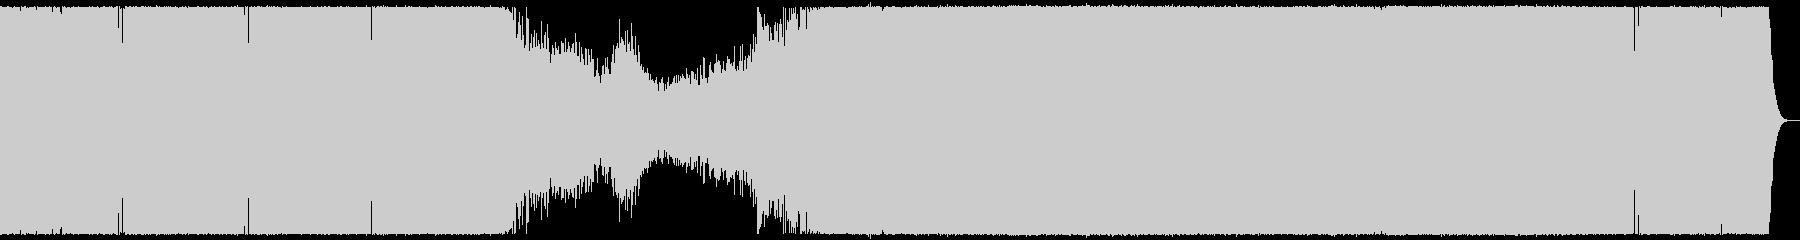 爽やかな浮遊感のプログレッシブハウス。の未再生の波形